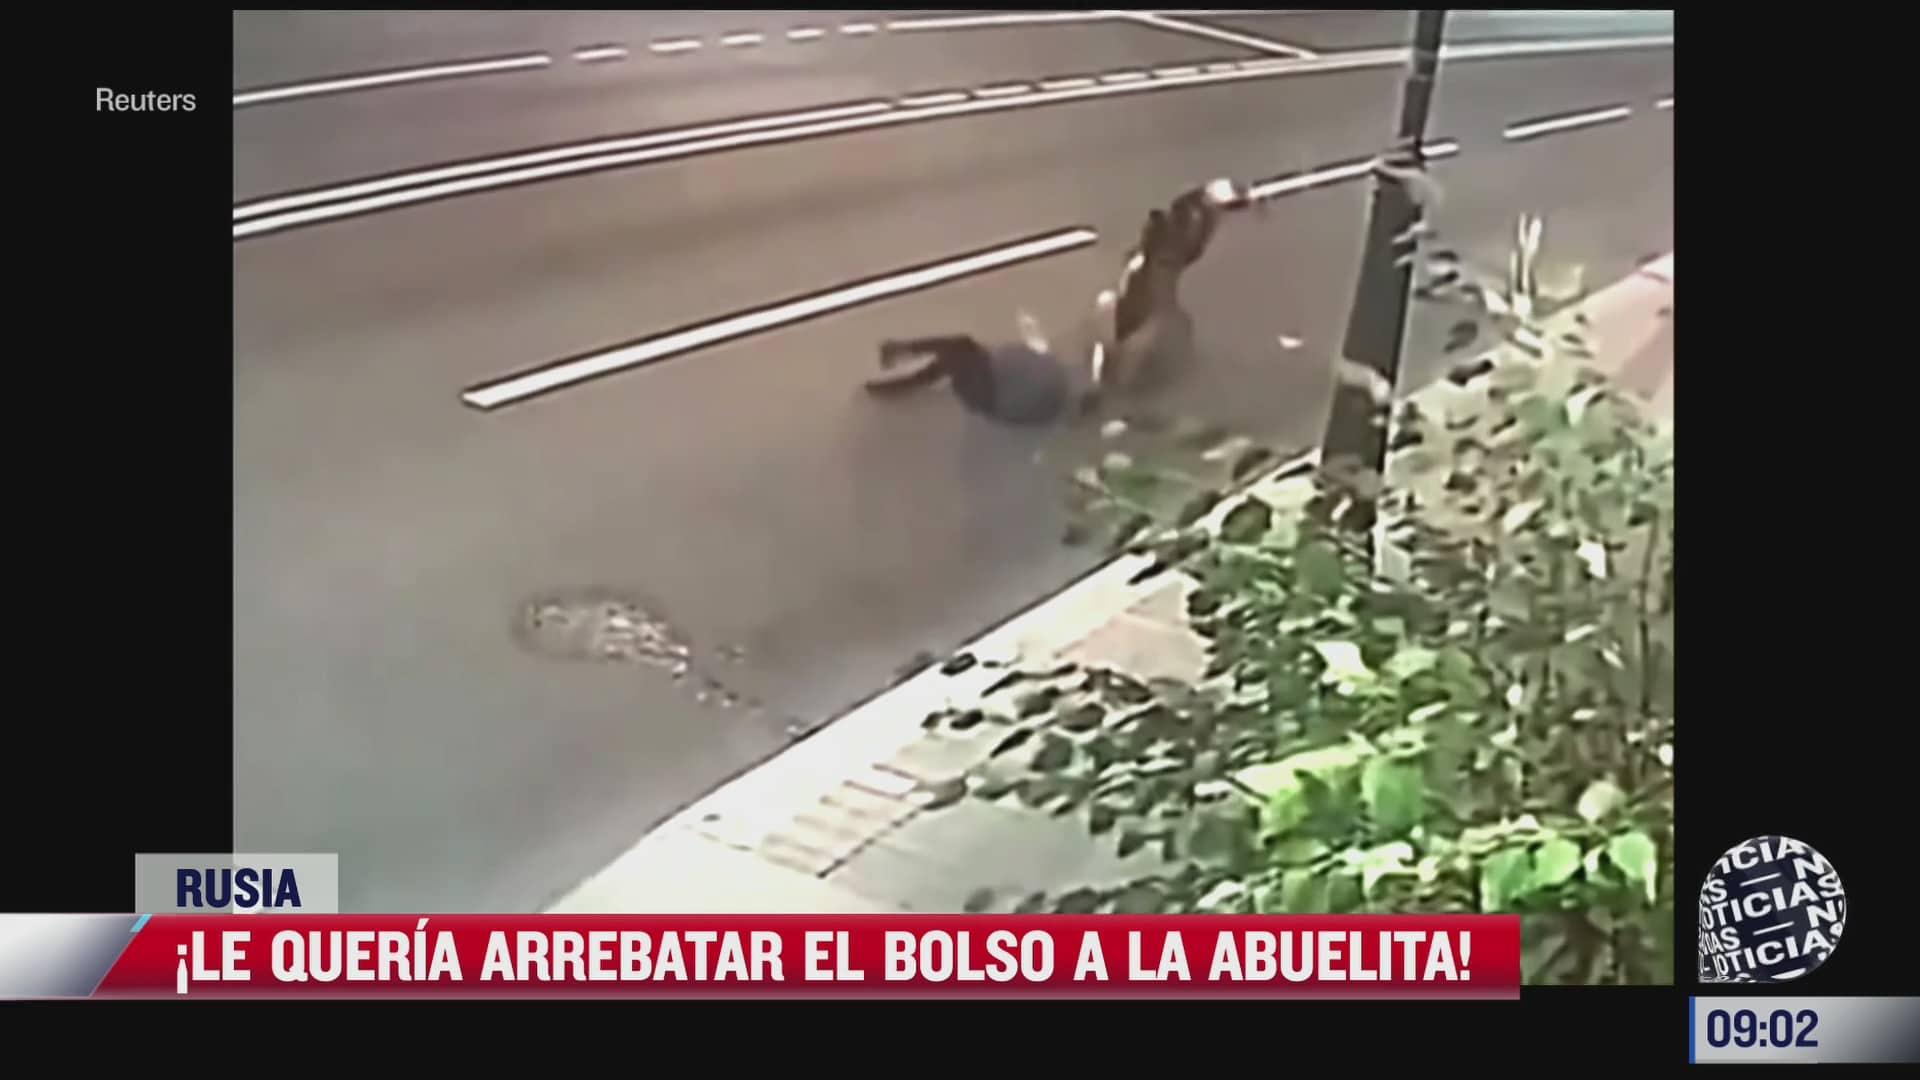 ladron arrastra a mujer de la tercera edad por quitarle la bolsa